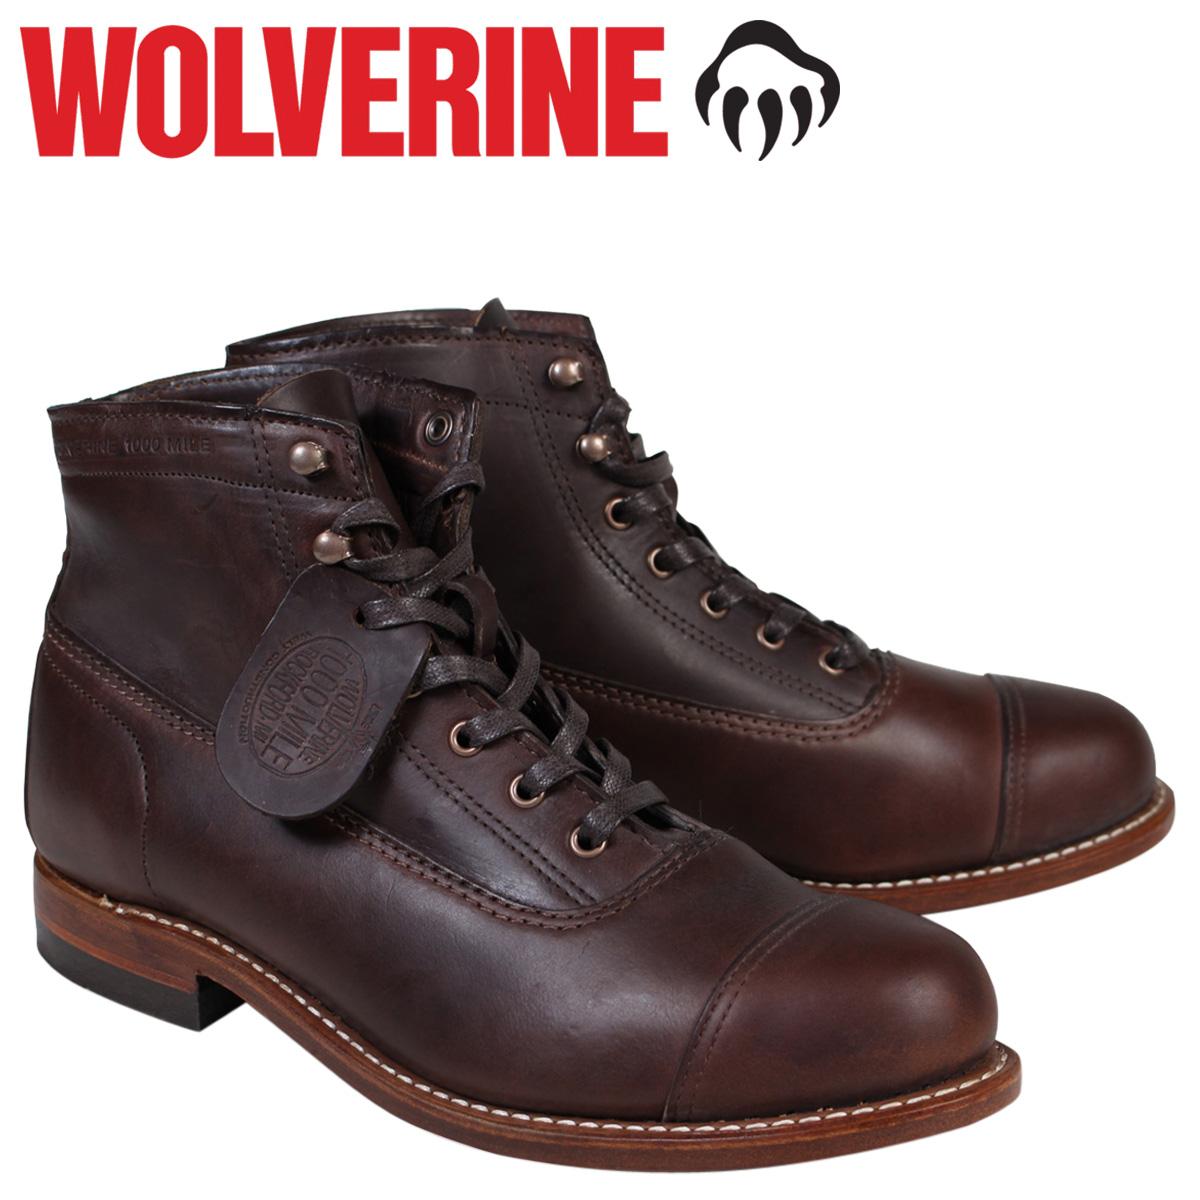 【最大2000円OFFクーポン】 ウルヴァリン WOLVERINE 1000マイル ブーツ 1000MILE ROCKFORD CAP-TOE BOOT Dワイズ W05293 ブラウン ワークブーツ メンズ